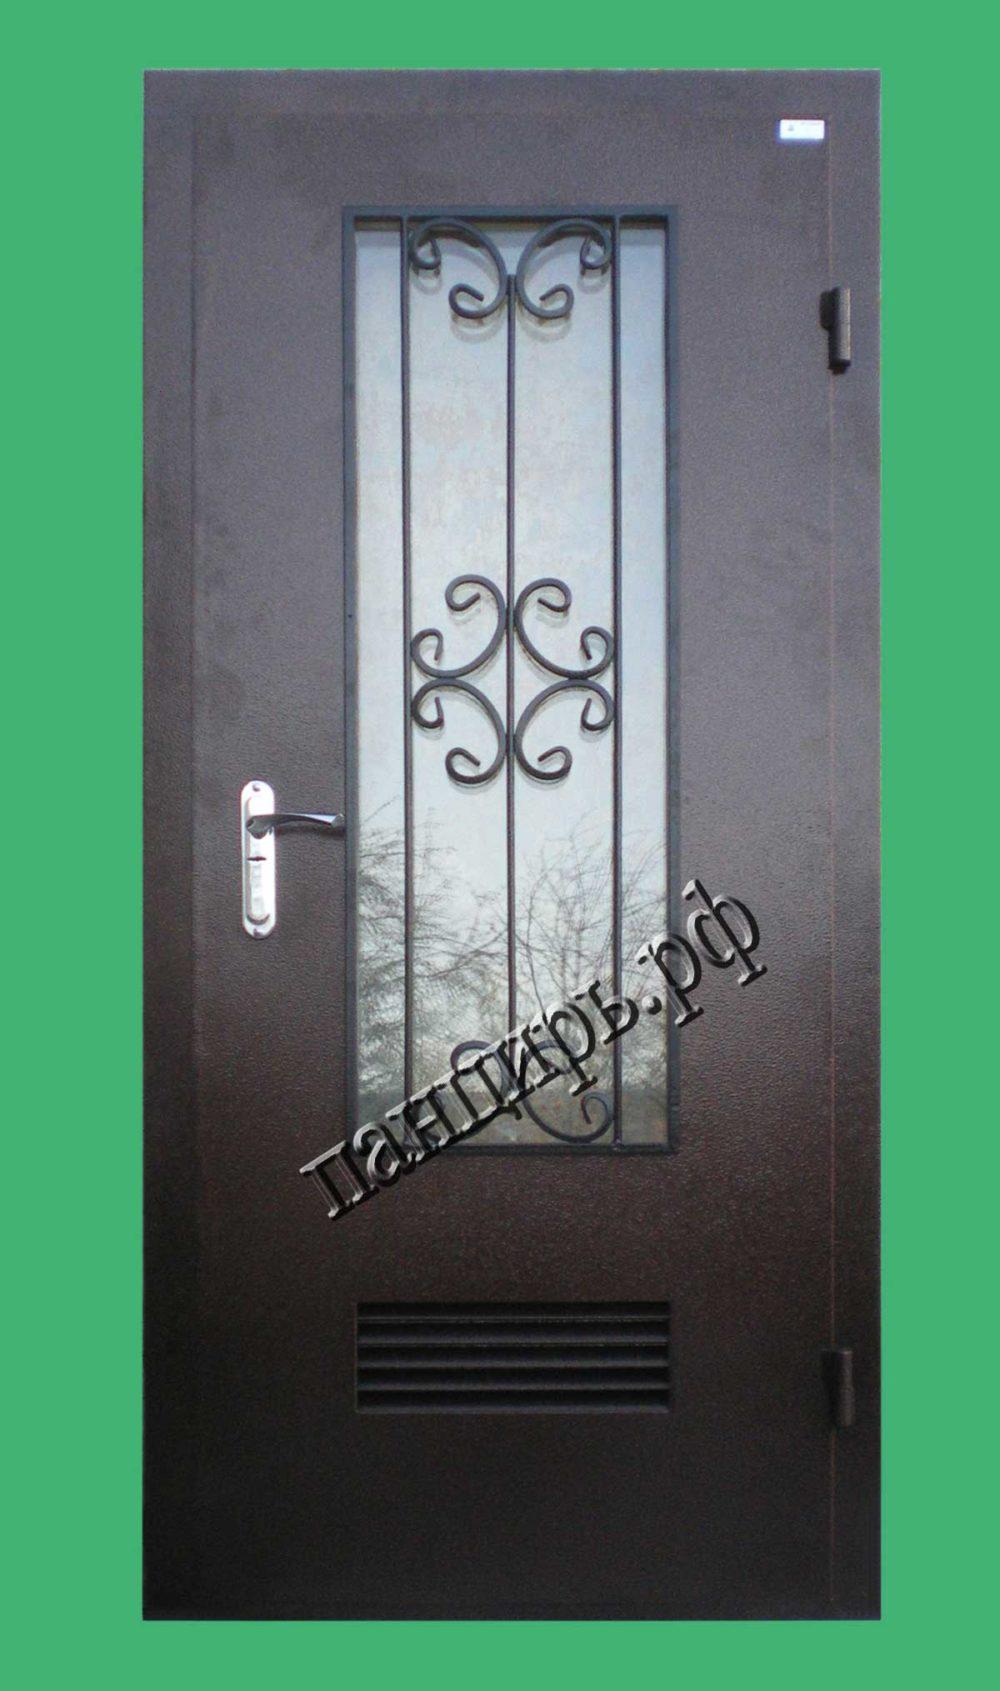 Металлическая дверь в котельную 0,9х2,1м2, с окном 0,5м2 и приточными жалюзями